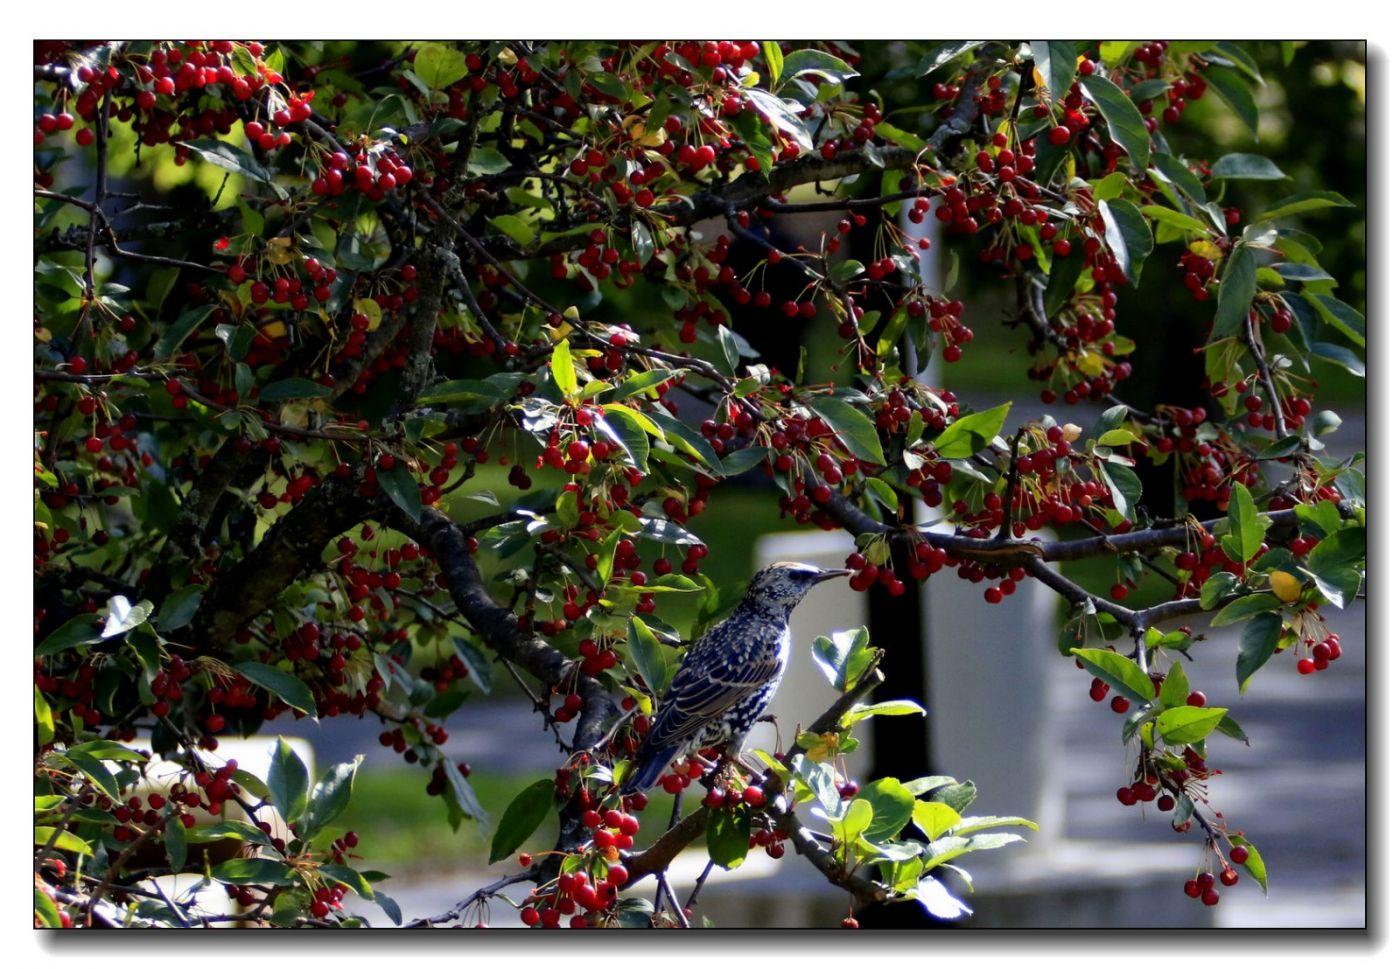 果熟鸟来图-紫翅椋鸟_图1-10